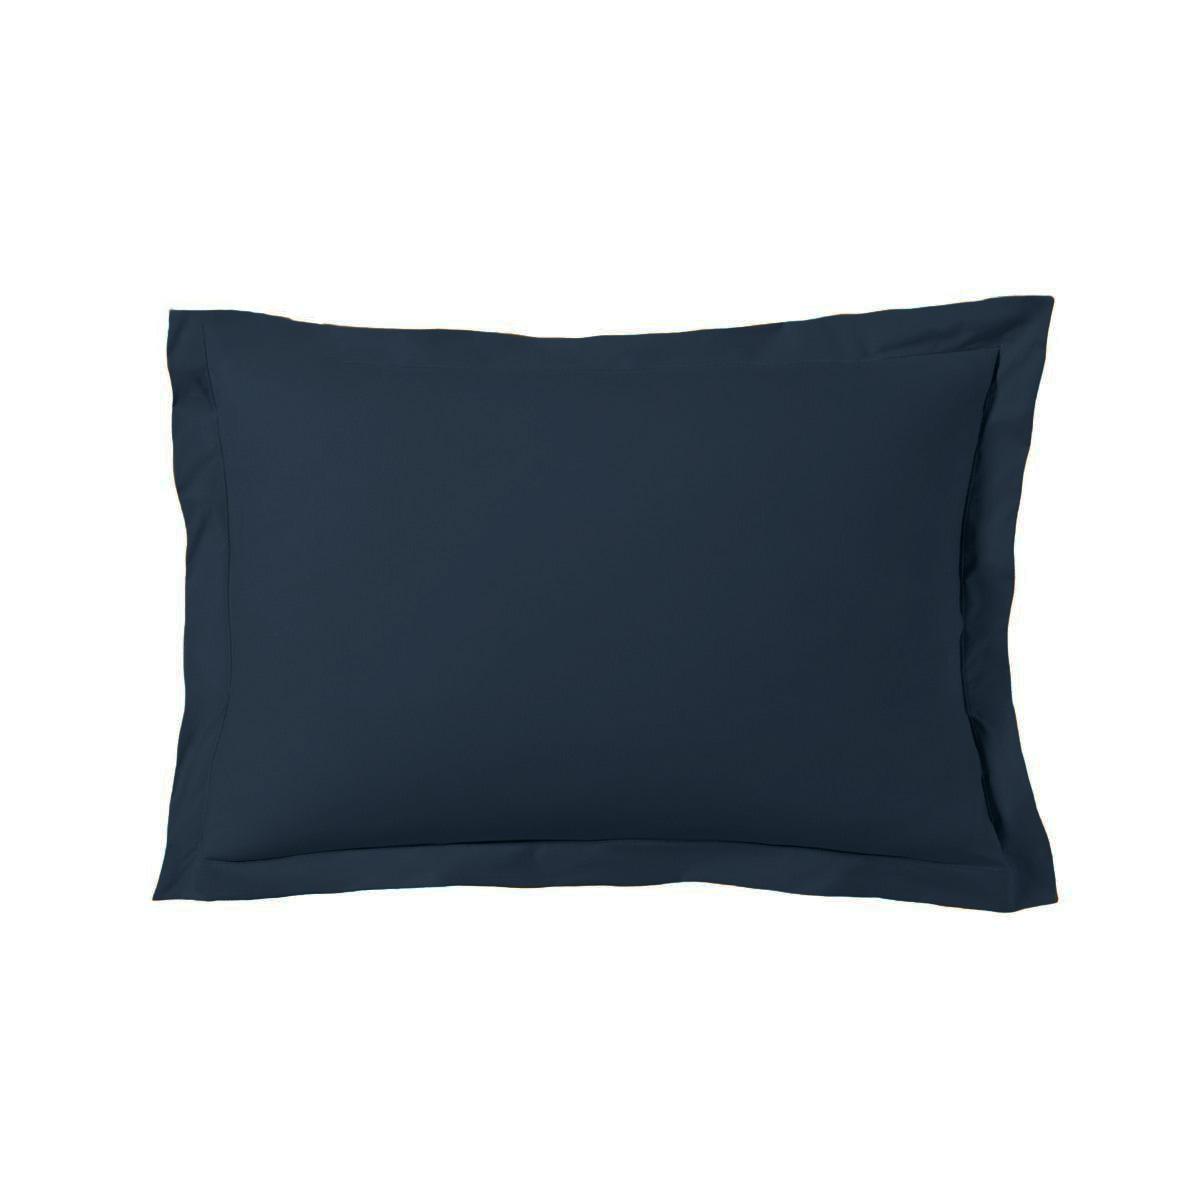 Taie d'oreiller 50x70 cm satin de coton bleu